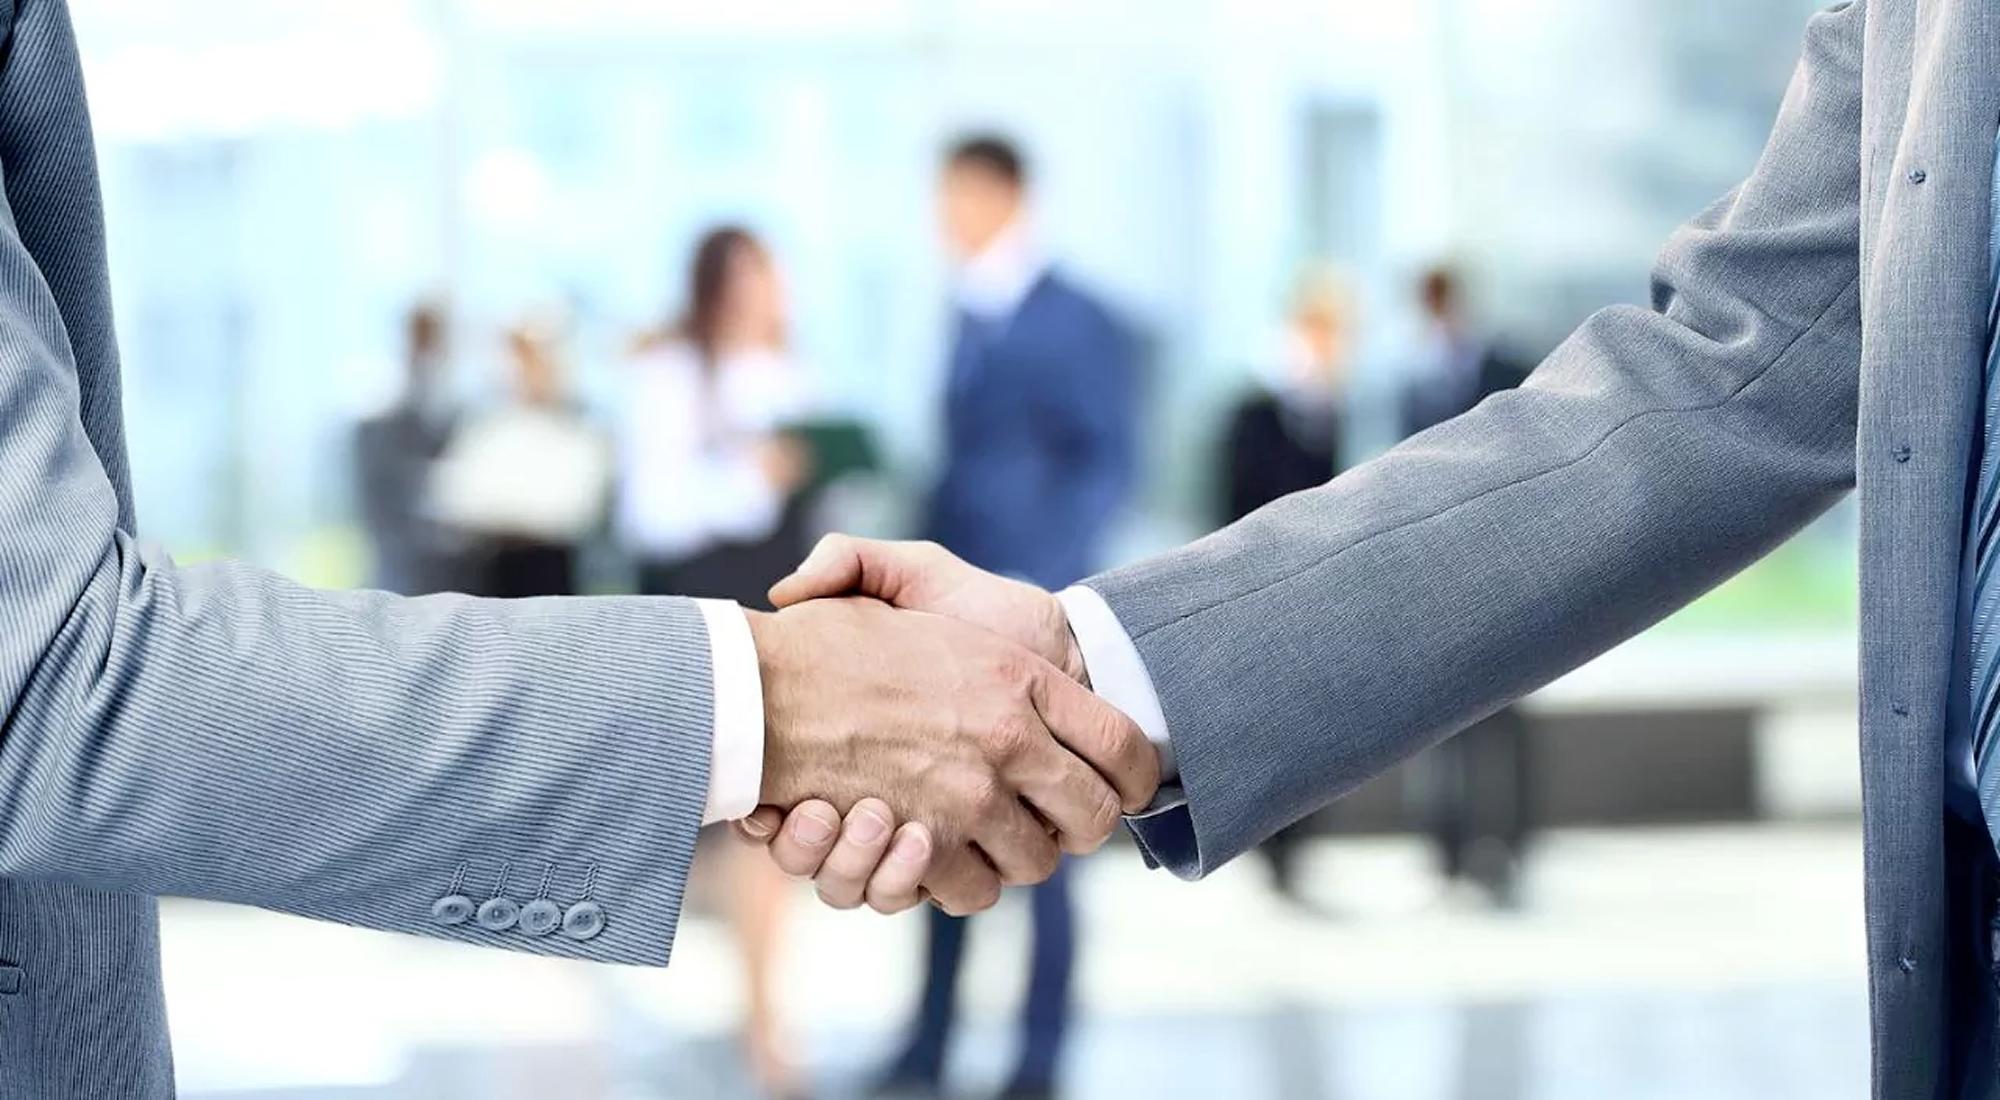 Cosme Programı-büyüme Amaçlı Özkaynak Desteği ve Kredi Garanti Desteği